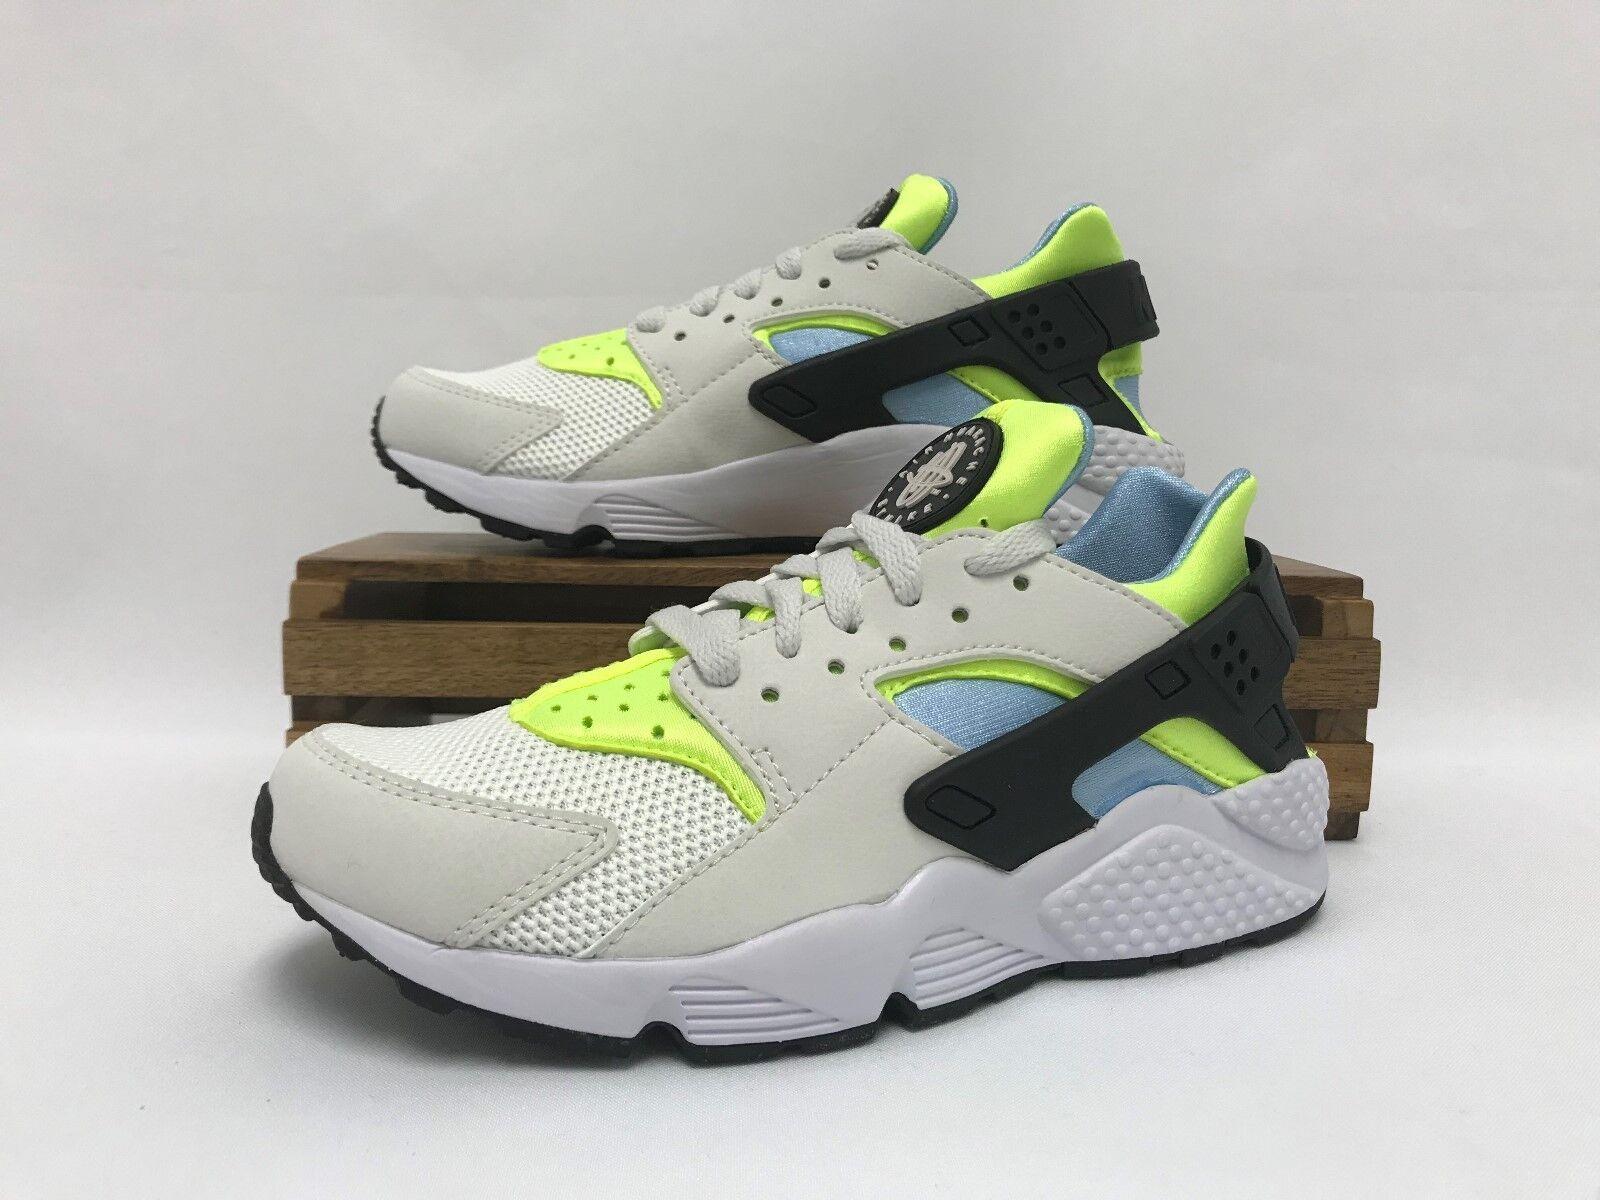 sale retailer f6559 6dab6 Nike huarache huarache huarache correr running Zapatos Blanco Volt Teal  318429-107 hombres es comodo